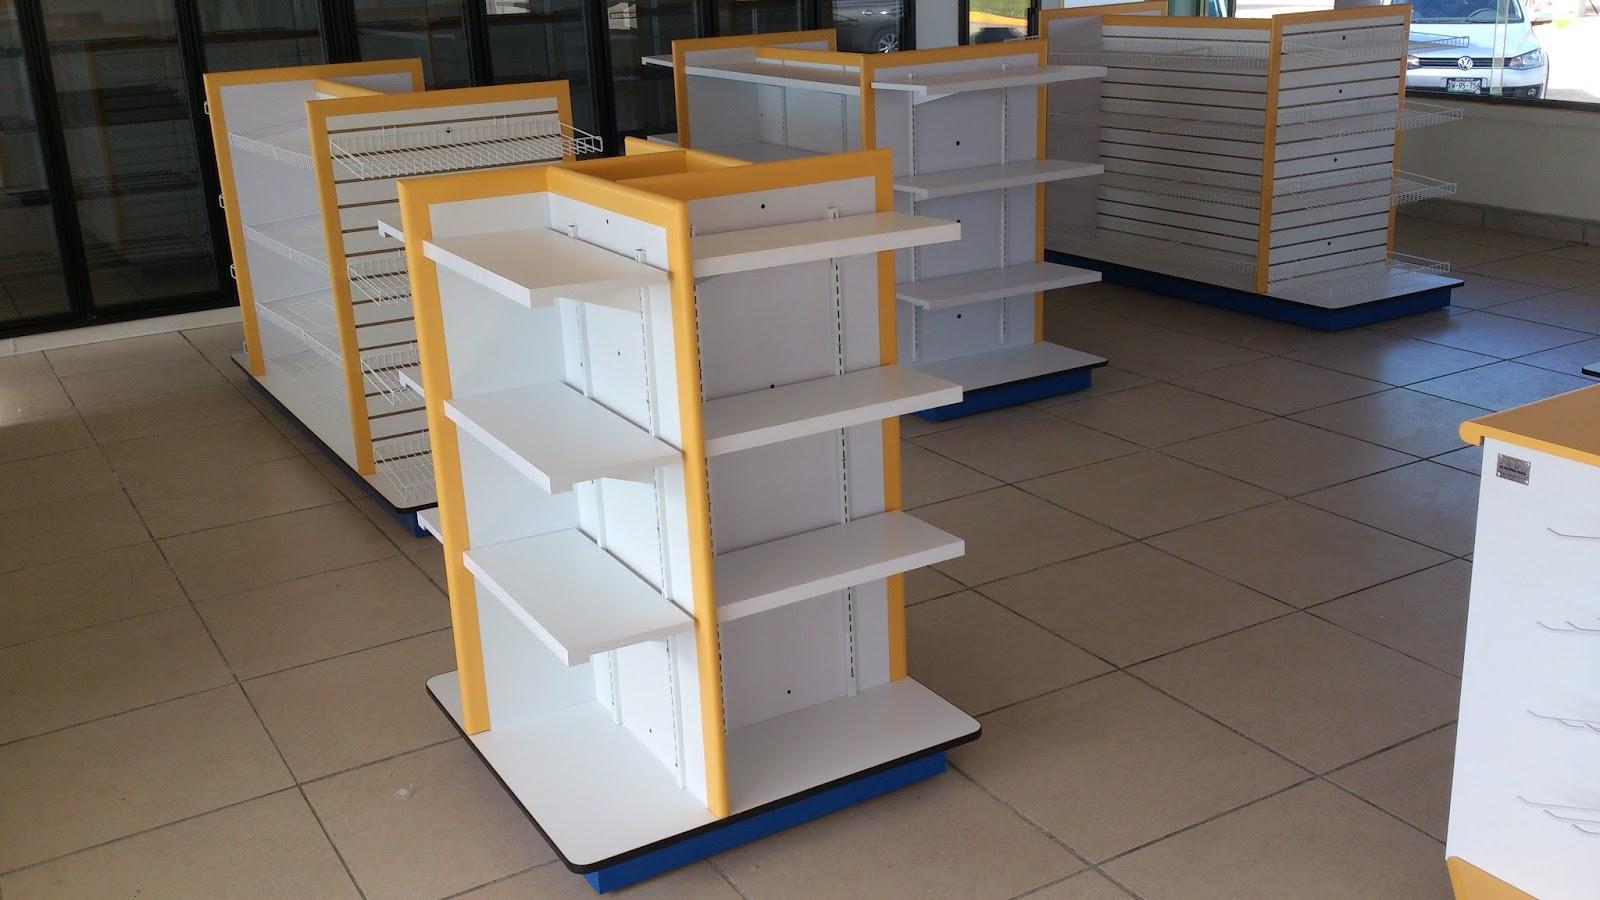 mostradores vitrinas y estantes para tiendas y negocios #A0752B 1600x900